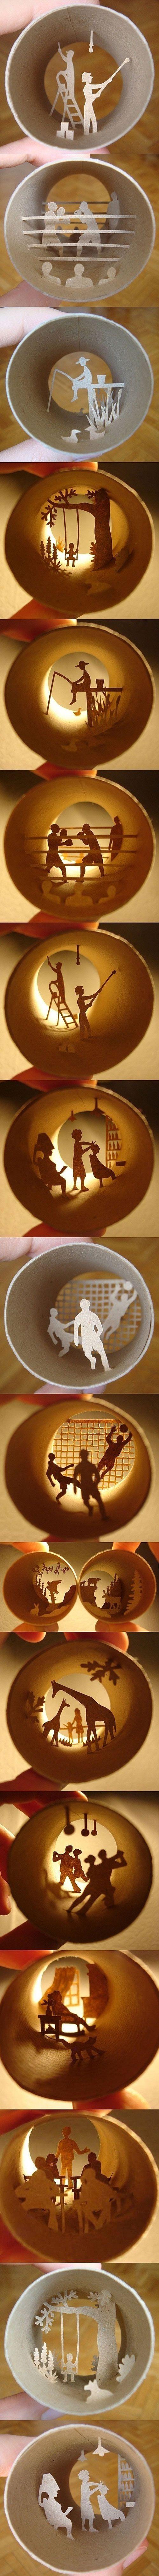 DIY knutsels met WC-rollen. Is dit niet gaaf gemaakt zeg?!